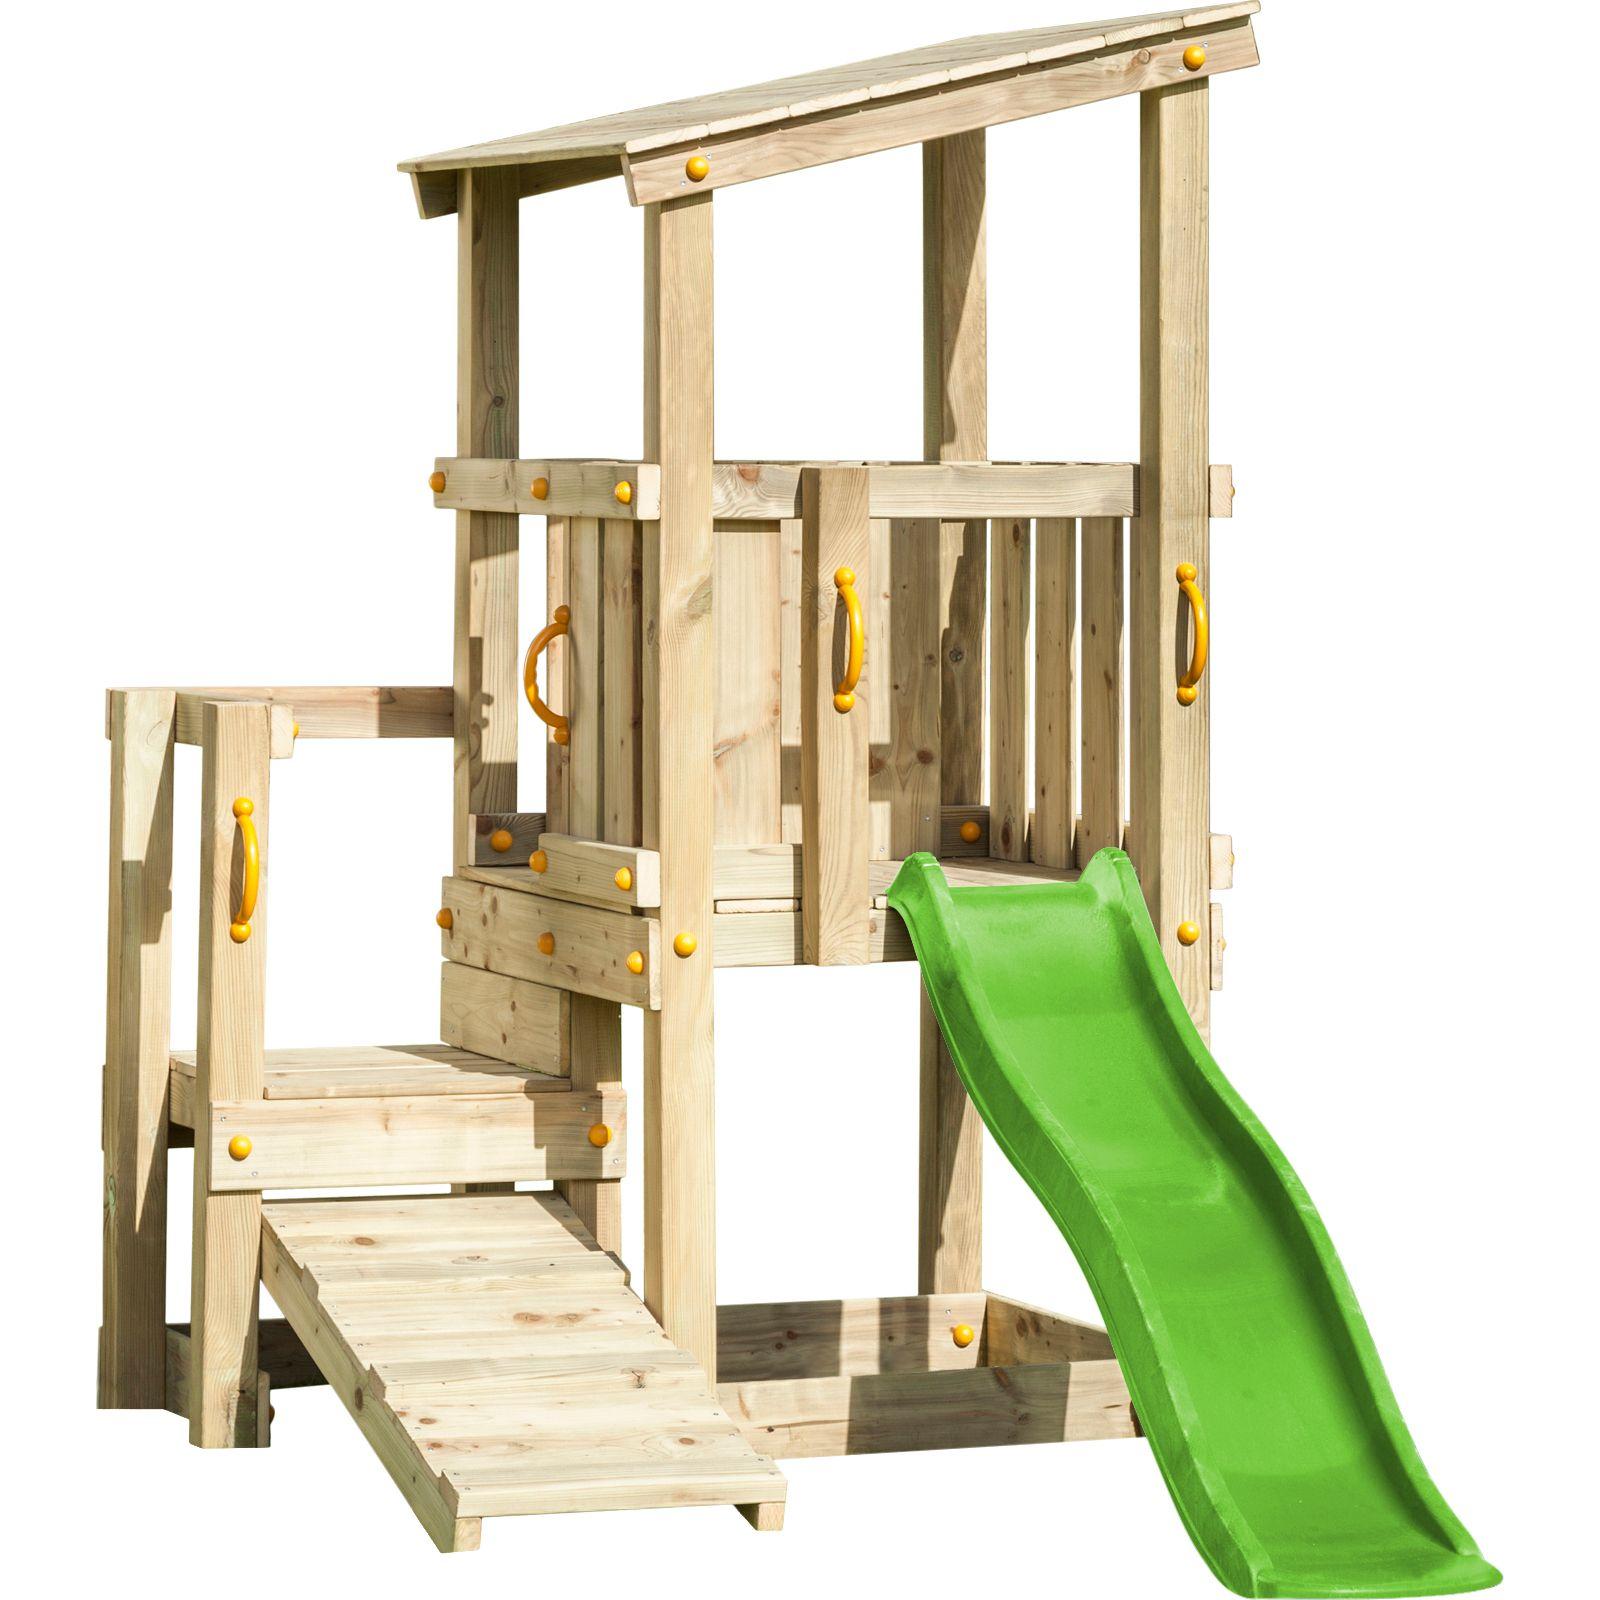 Spielturm Cascade Mit Toller Rampe Zum Hochklettern Ihre Kinder Lieben Das Toben Im Garten Und Sie Sind Auf Der Suche Spielturm Kletterturm Garten Kletterturm